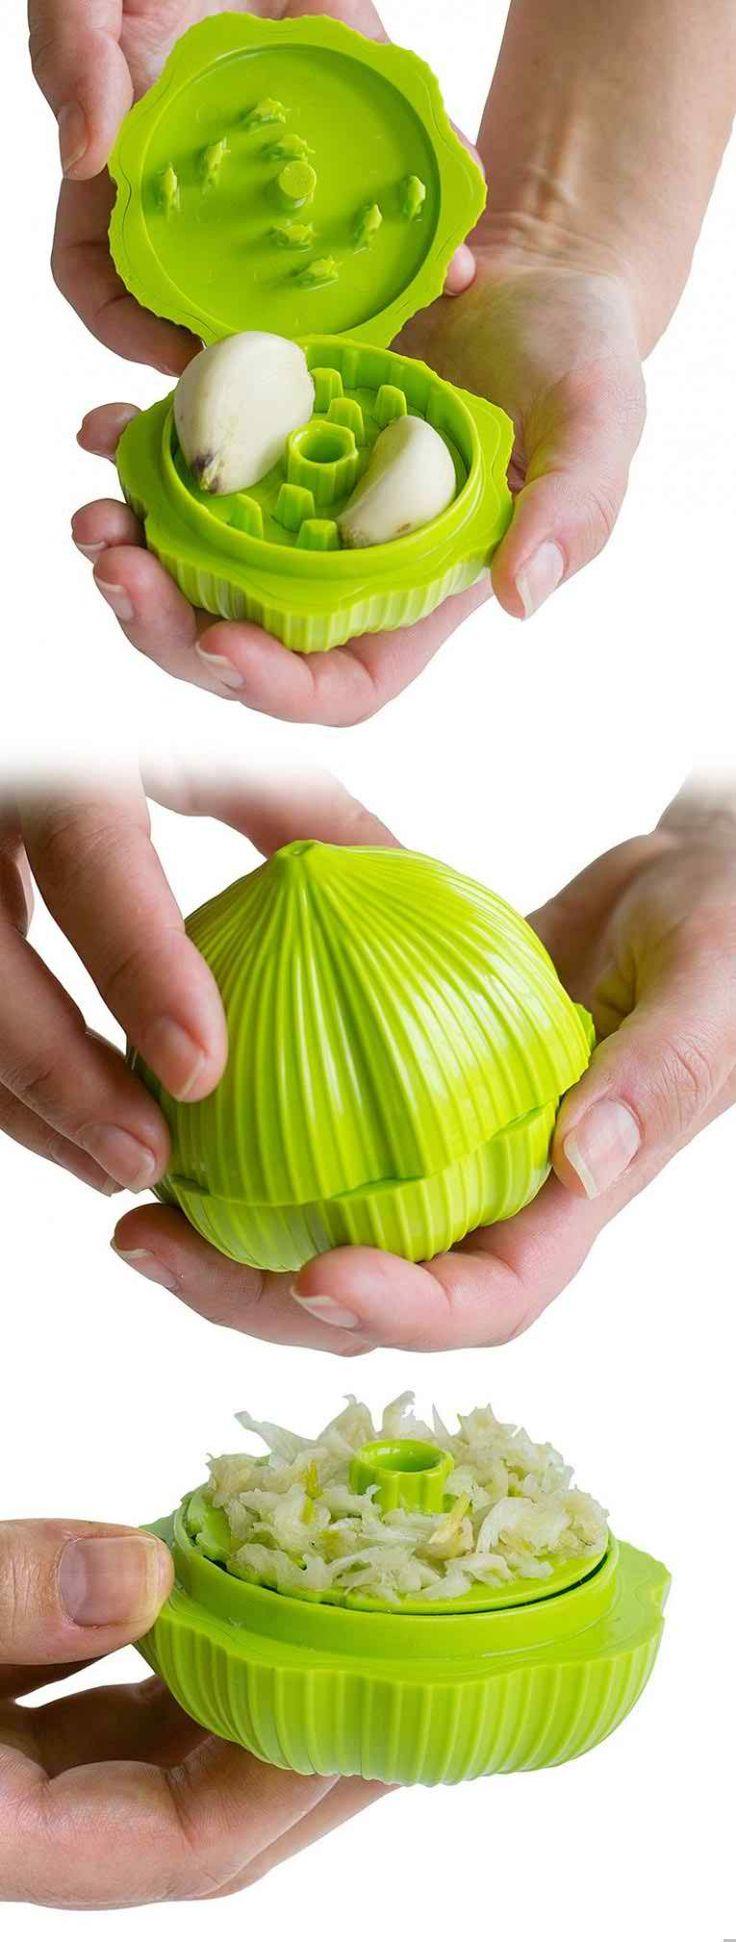 Most useful garlic chopper